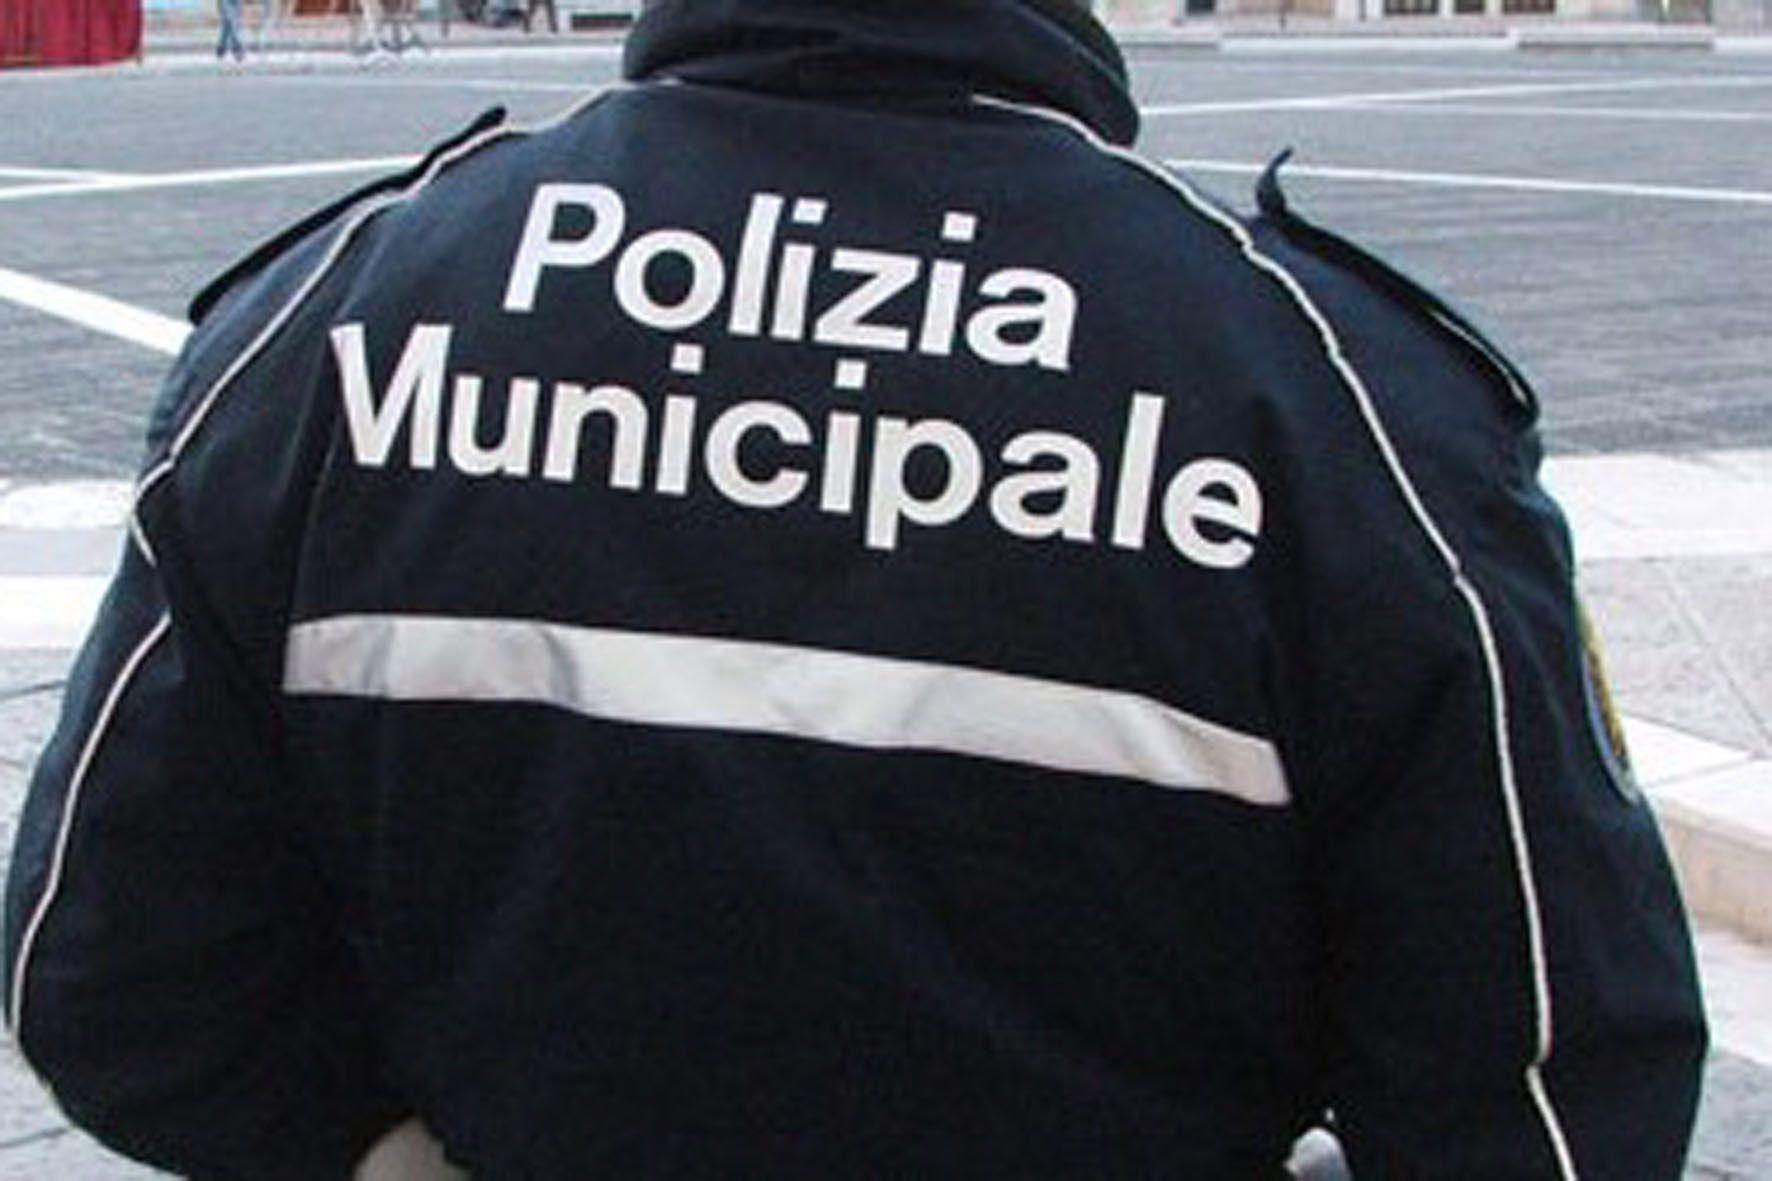 Milano, vigile uccide il comadante e sui suicida